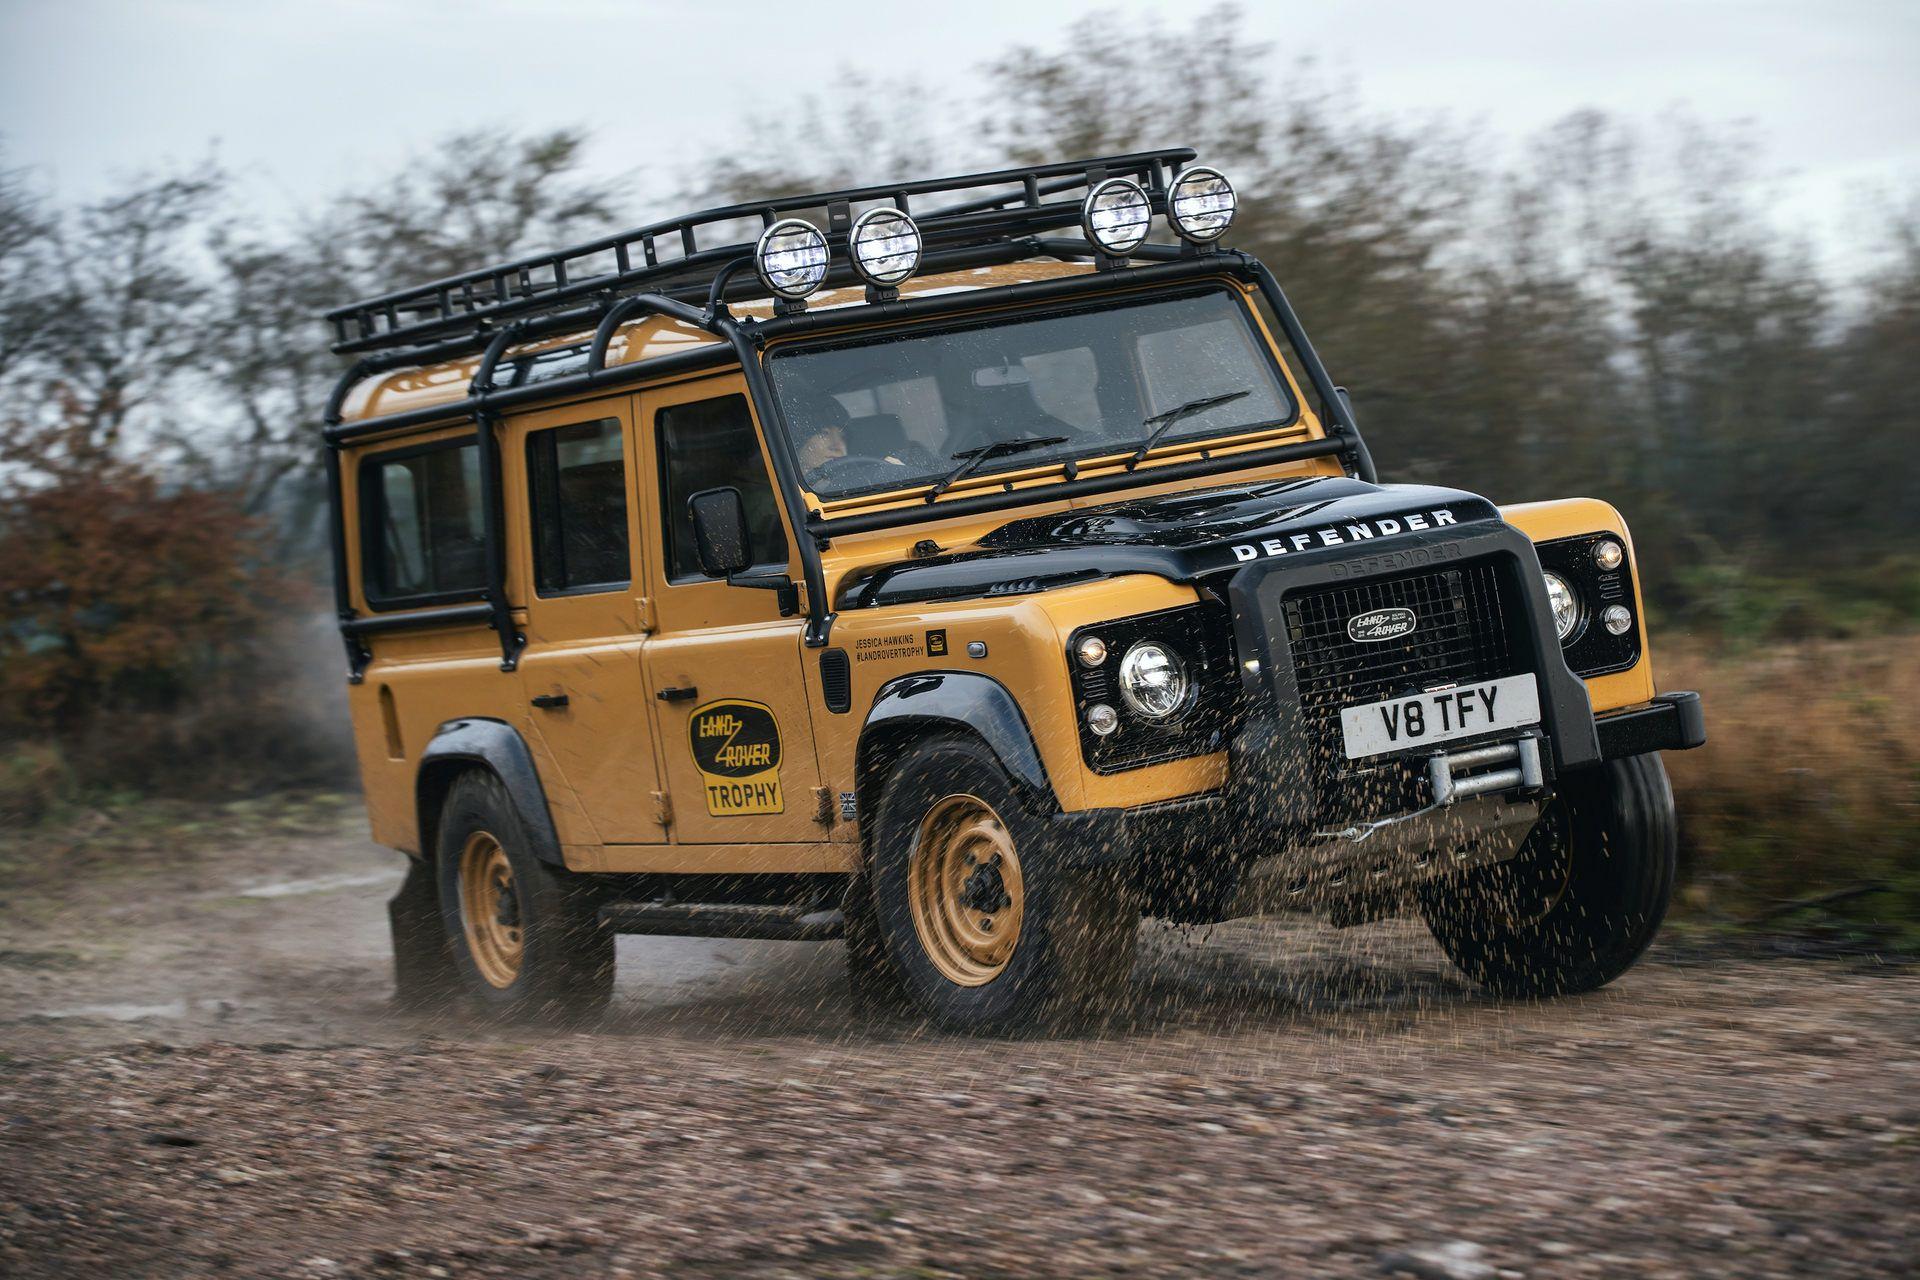 Land-Rover-Defender-Works-V8-Trophy-13